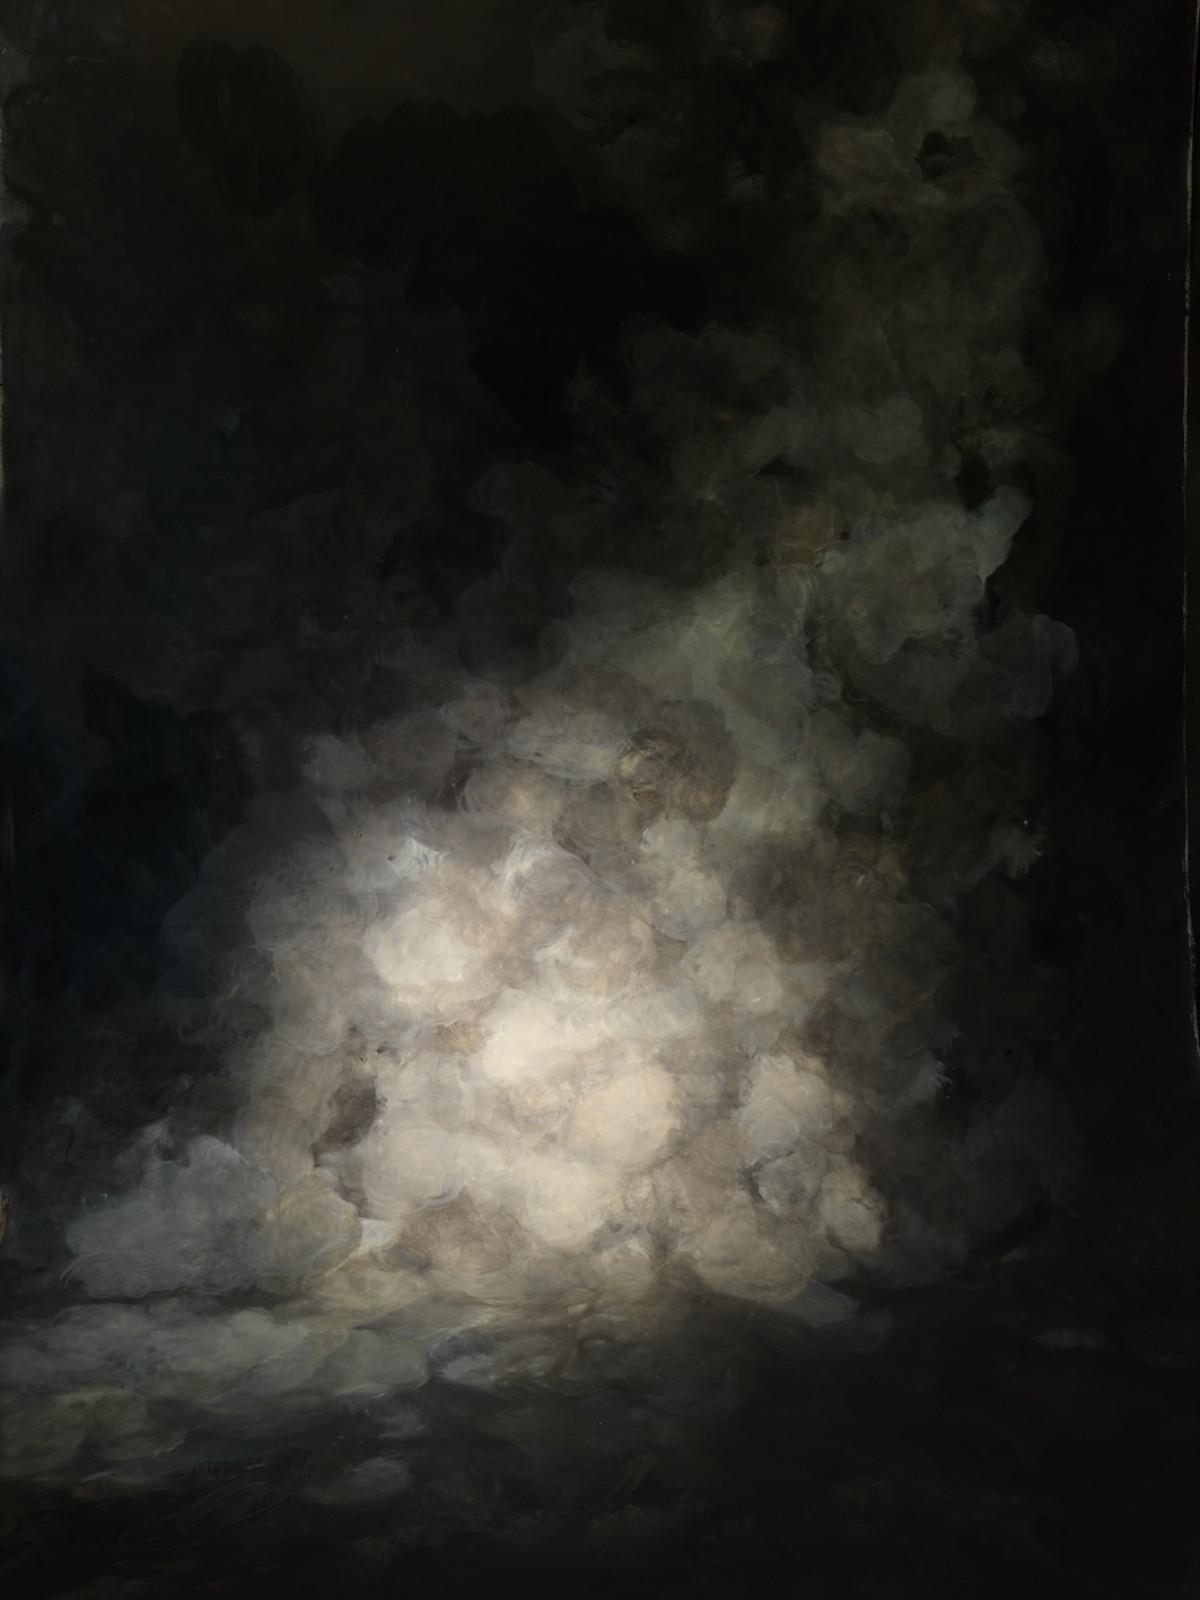 Belladonna Exposed, 2014, pigment print on aluminium, 115 x 91 cm, ed. 5